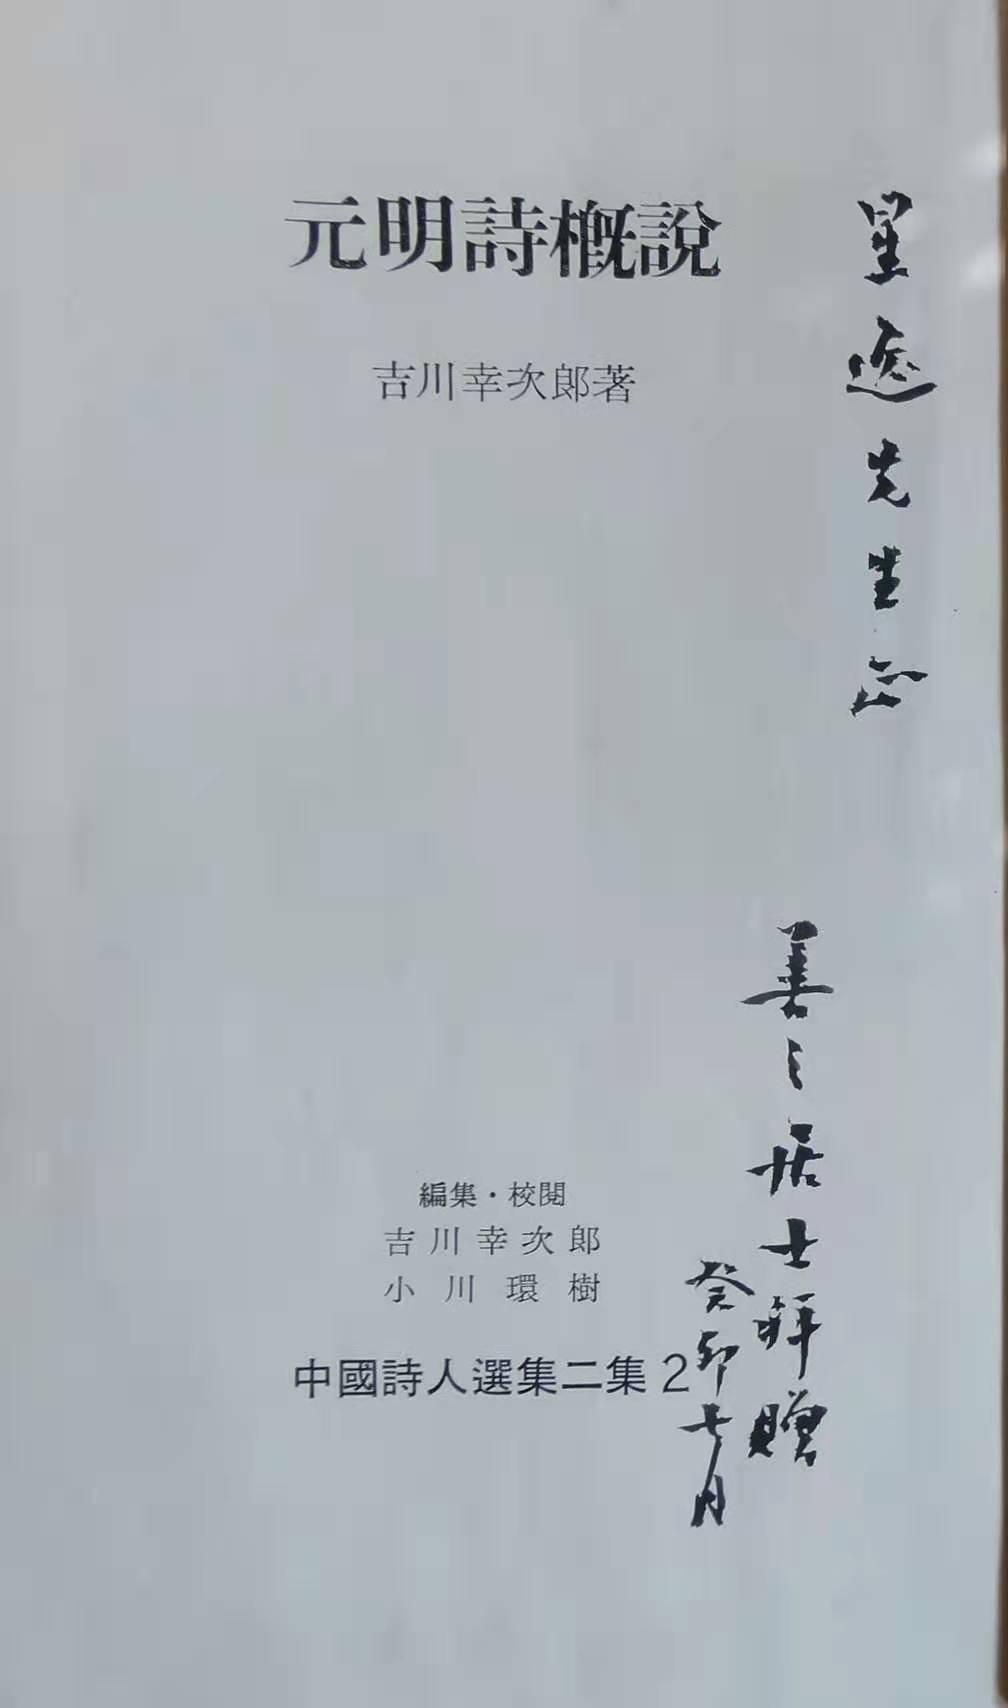 吉川幸次郎(善之居士)寄赠给张心逸的《元明诗概说》